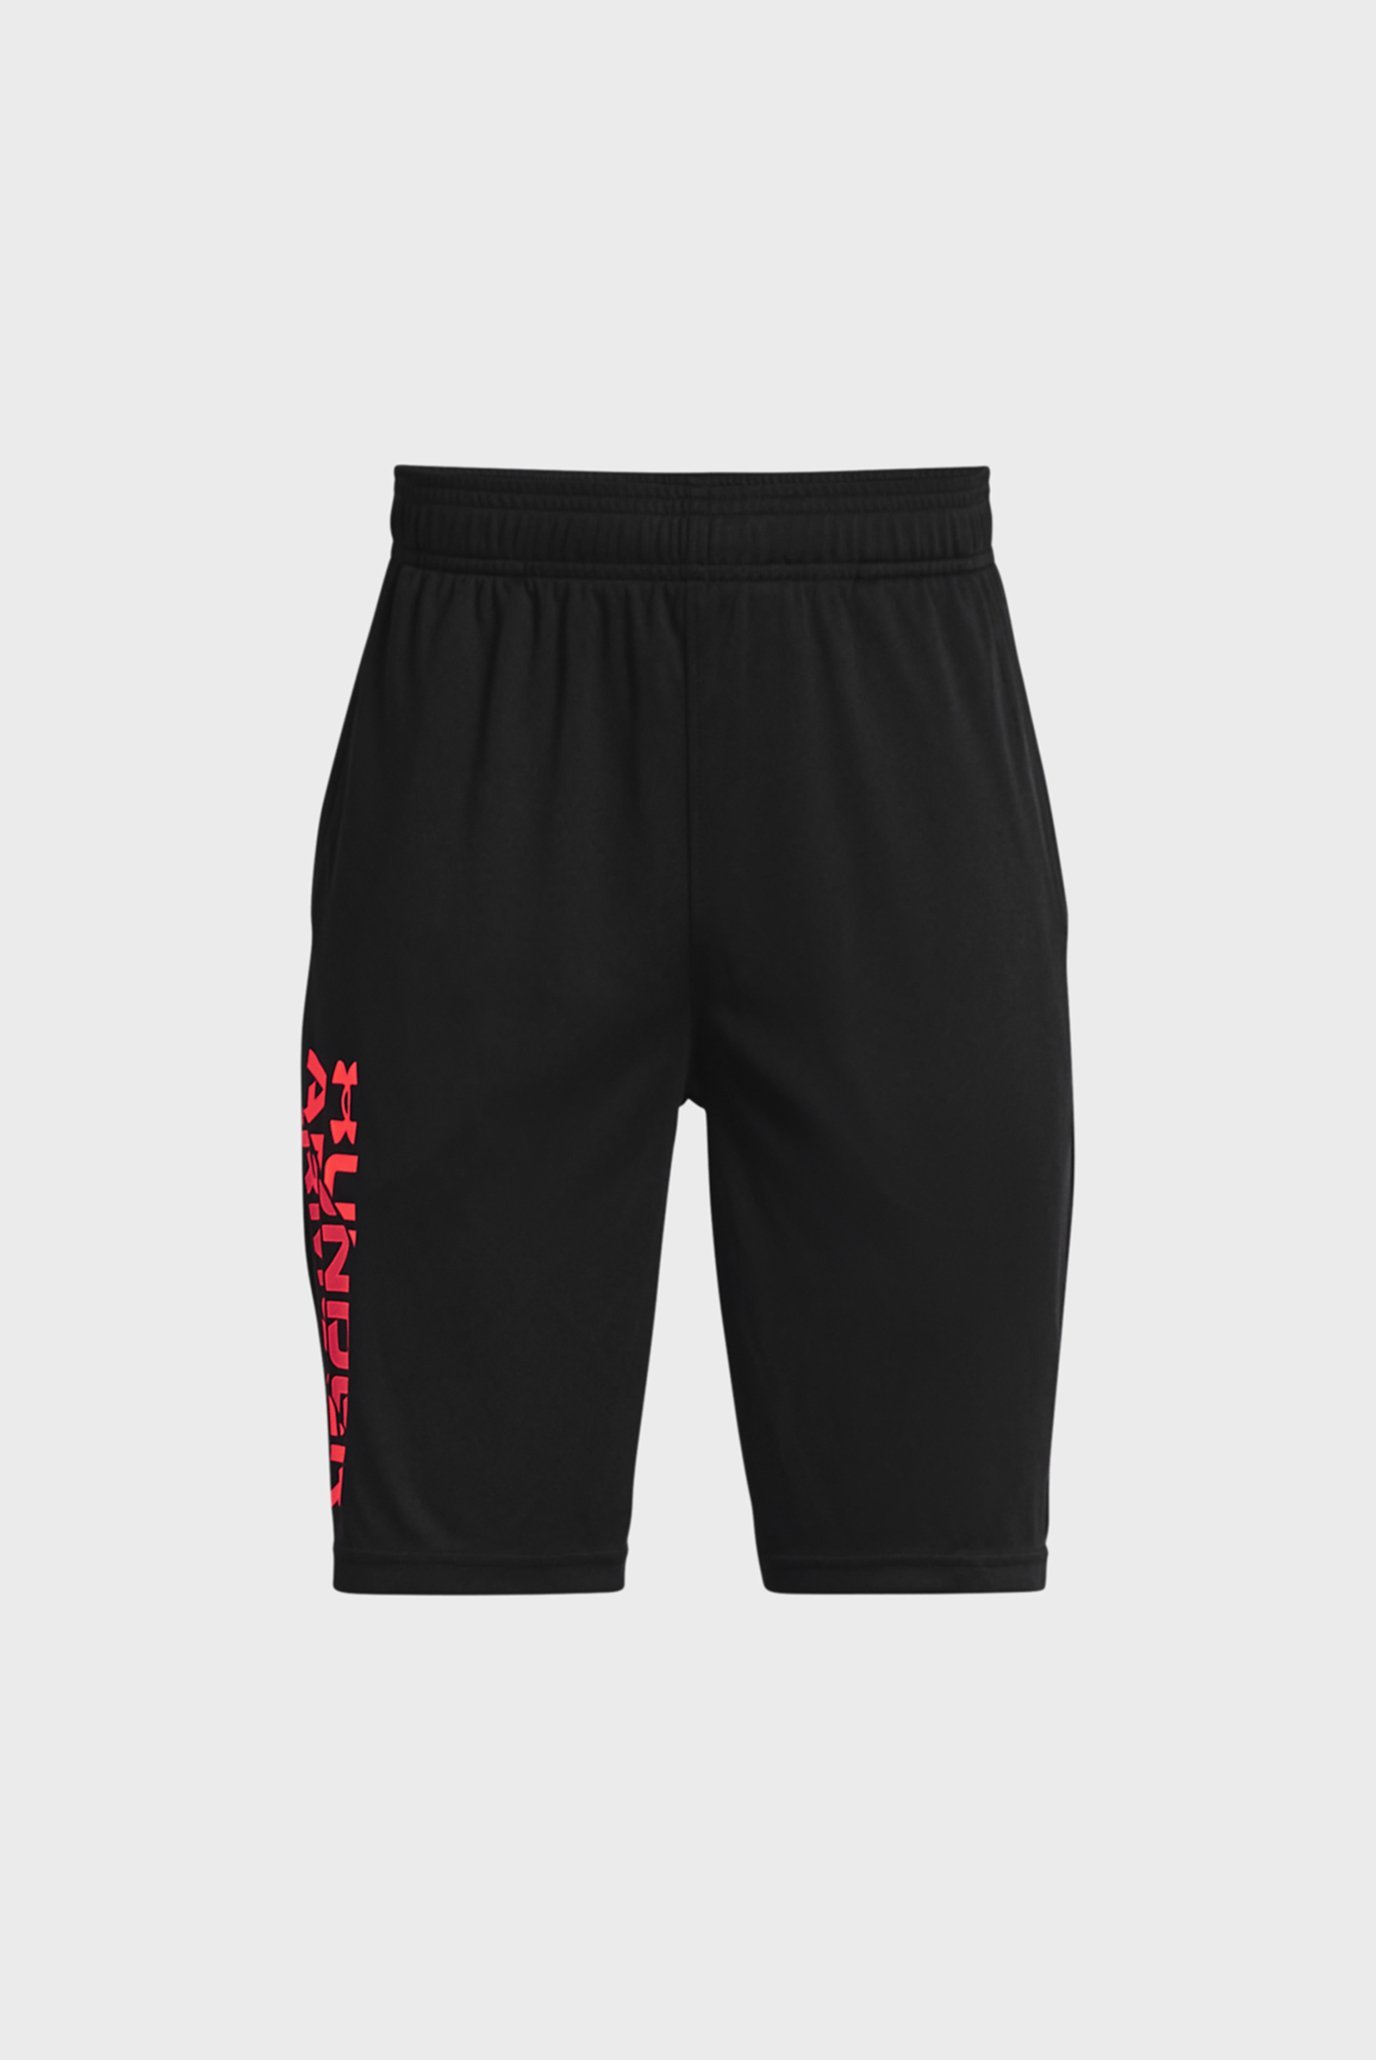 Детские черные шорты UA Prototype 2.0 Wdmk Shorts 1